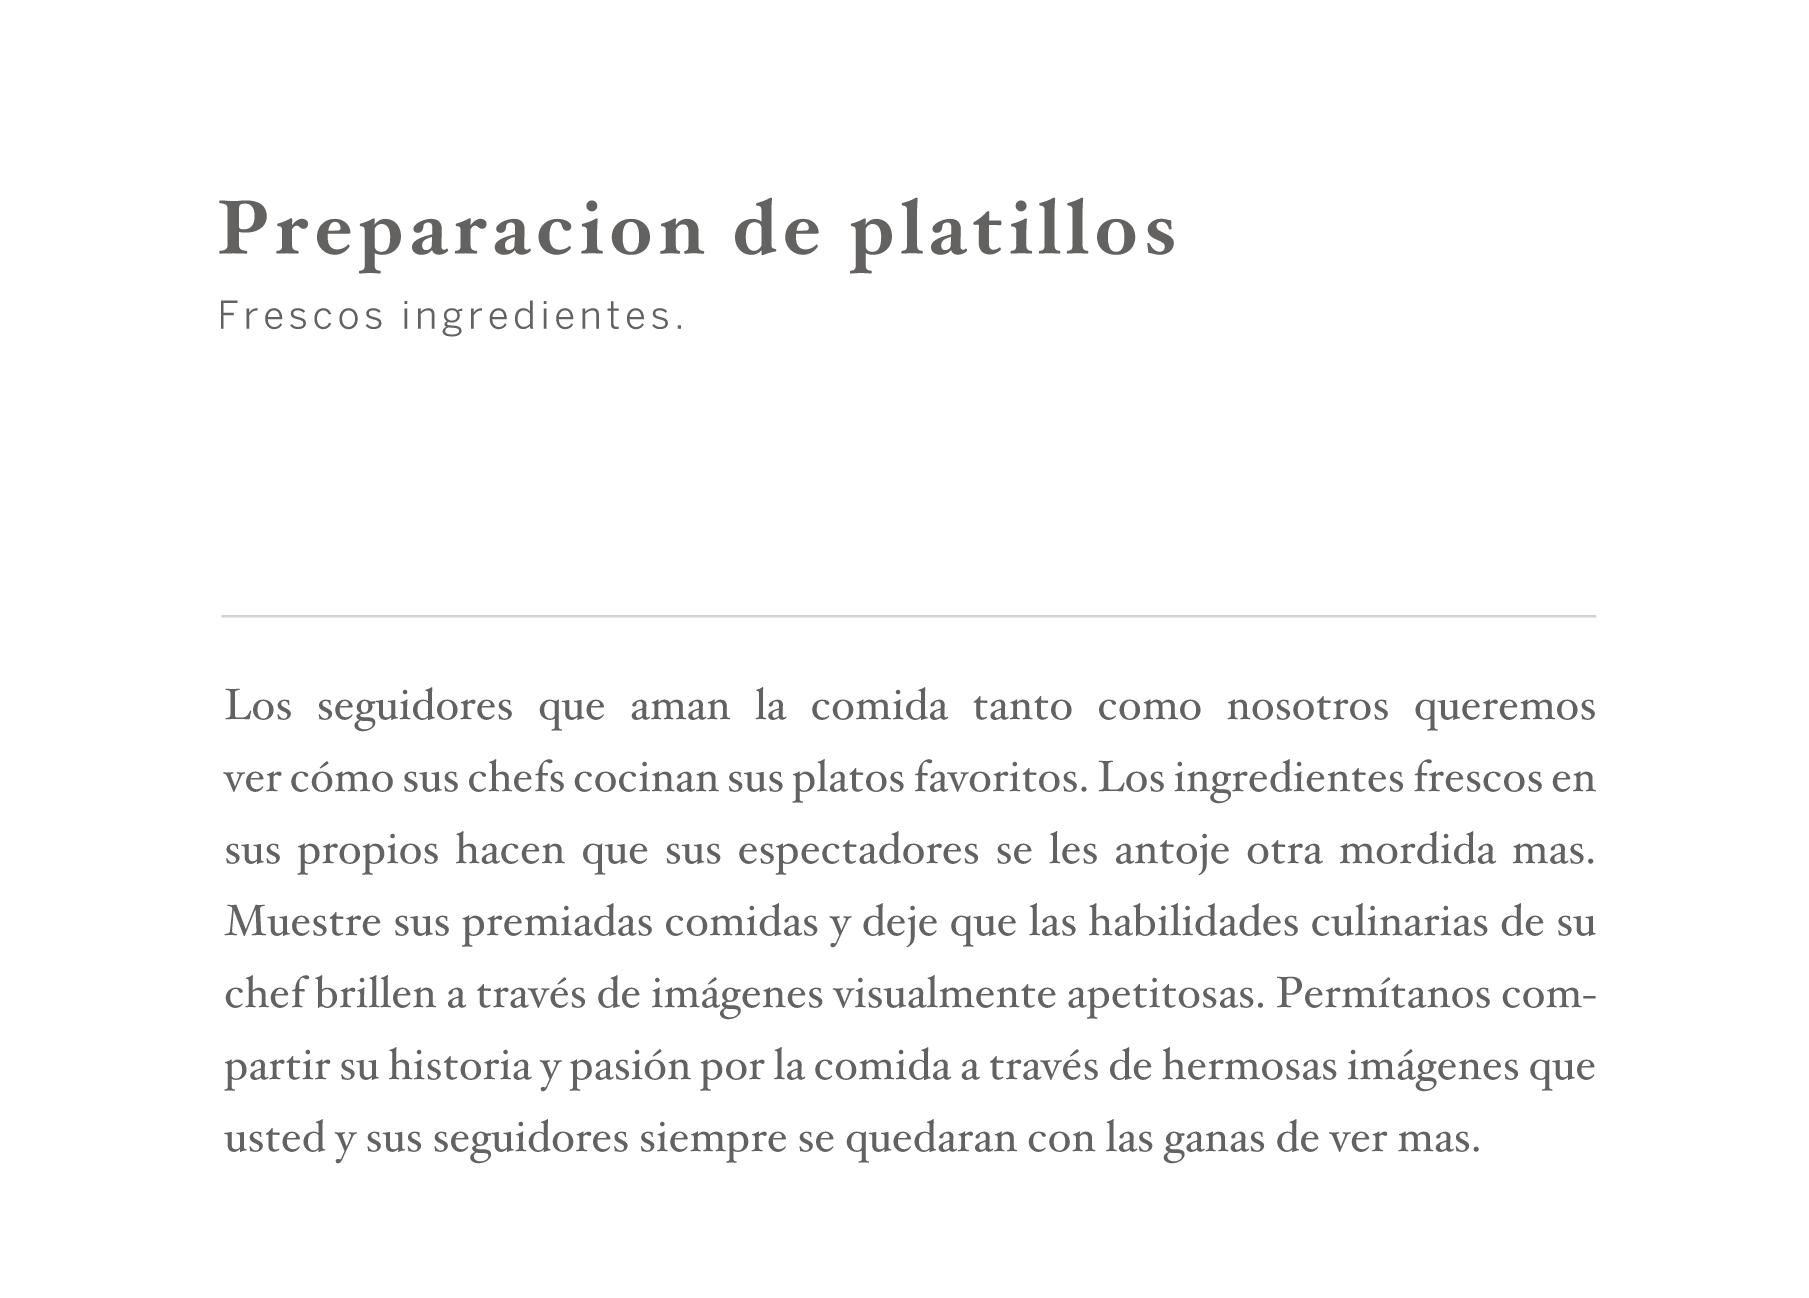 Preparacion_de_platillos.png